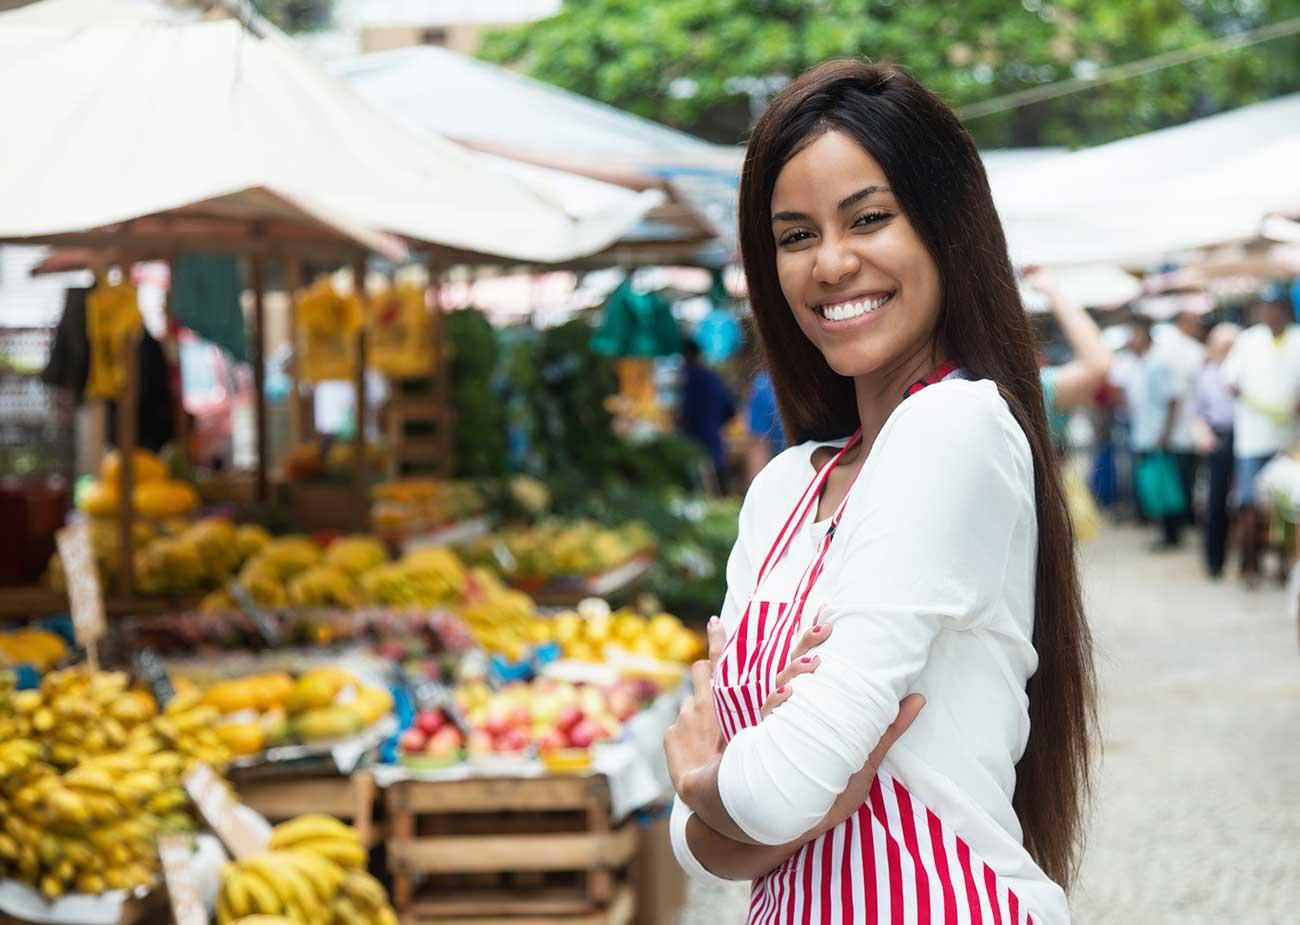 Female vendor at market